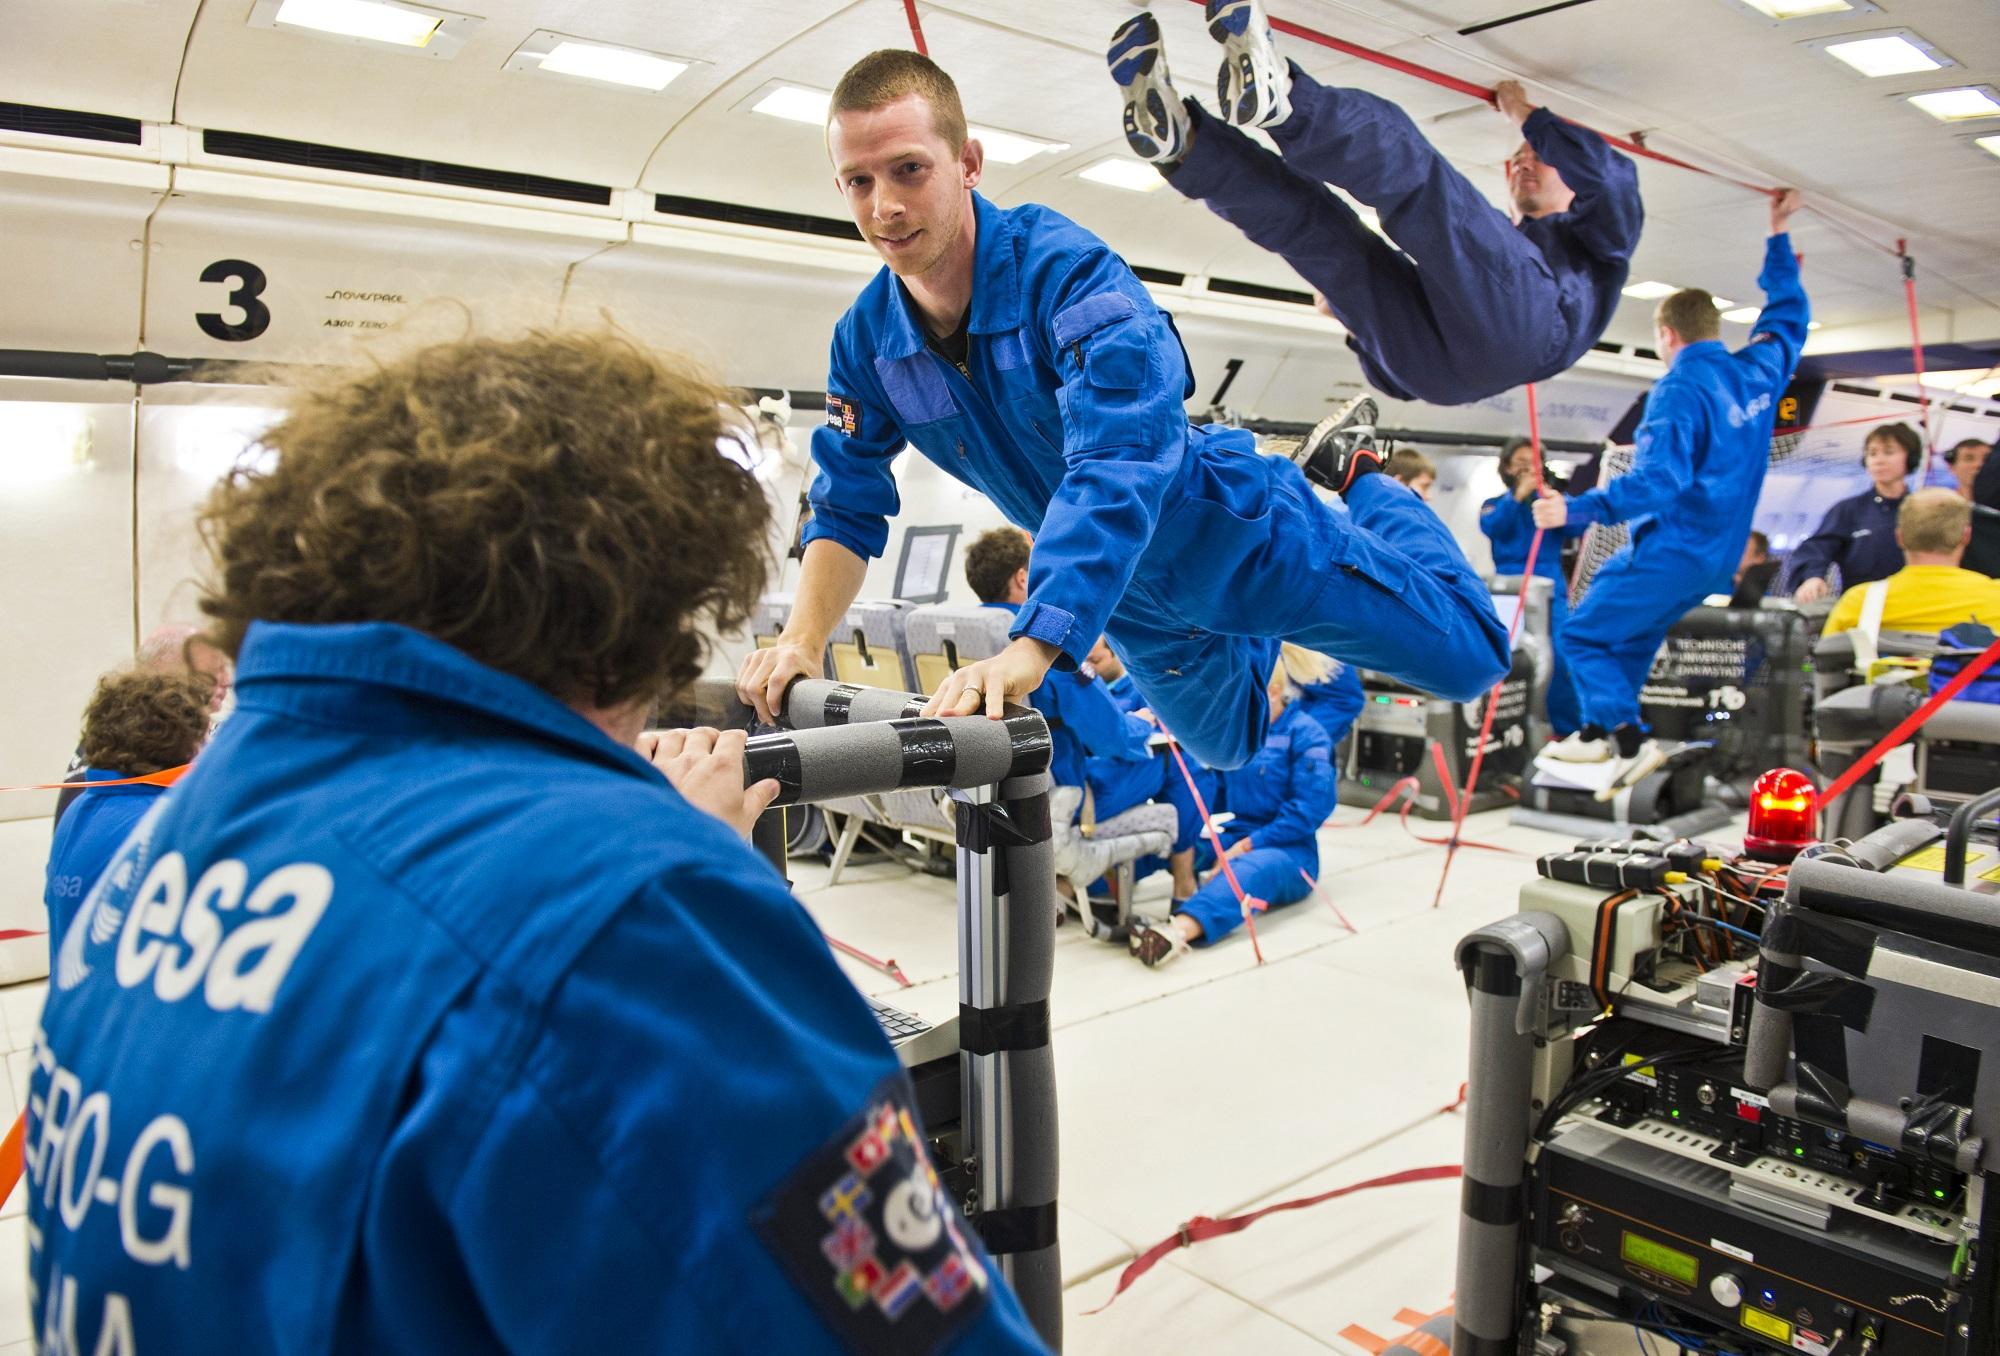 ESAs parabelflygninger gir vektløshet eller samme tyngdekraft som på månen eller Mars til eksperimenter og romfarere. Foto: ESA